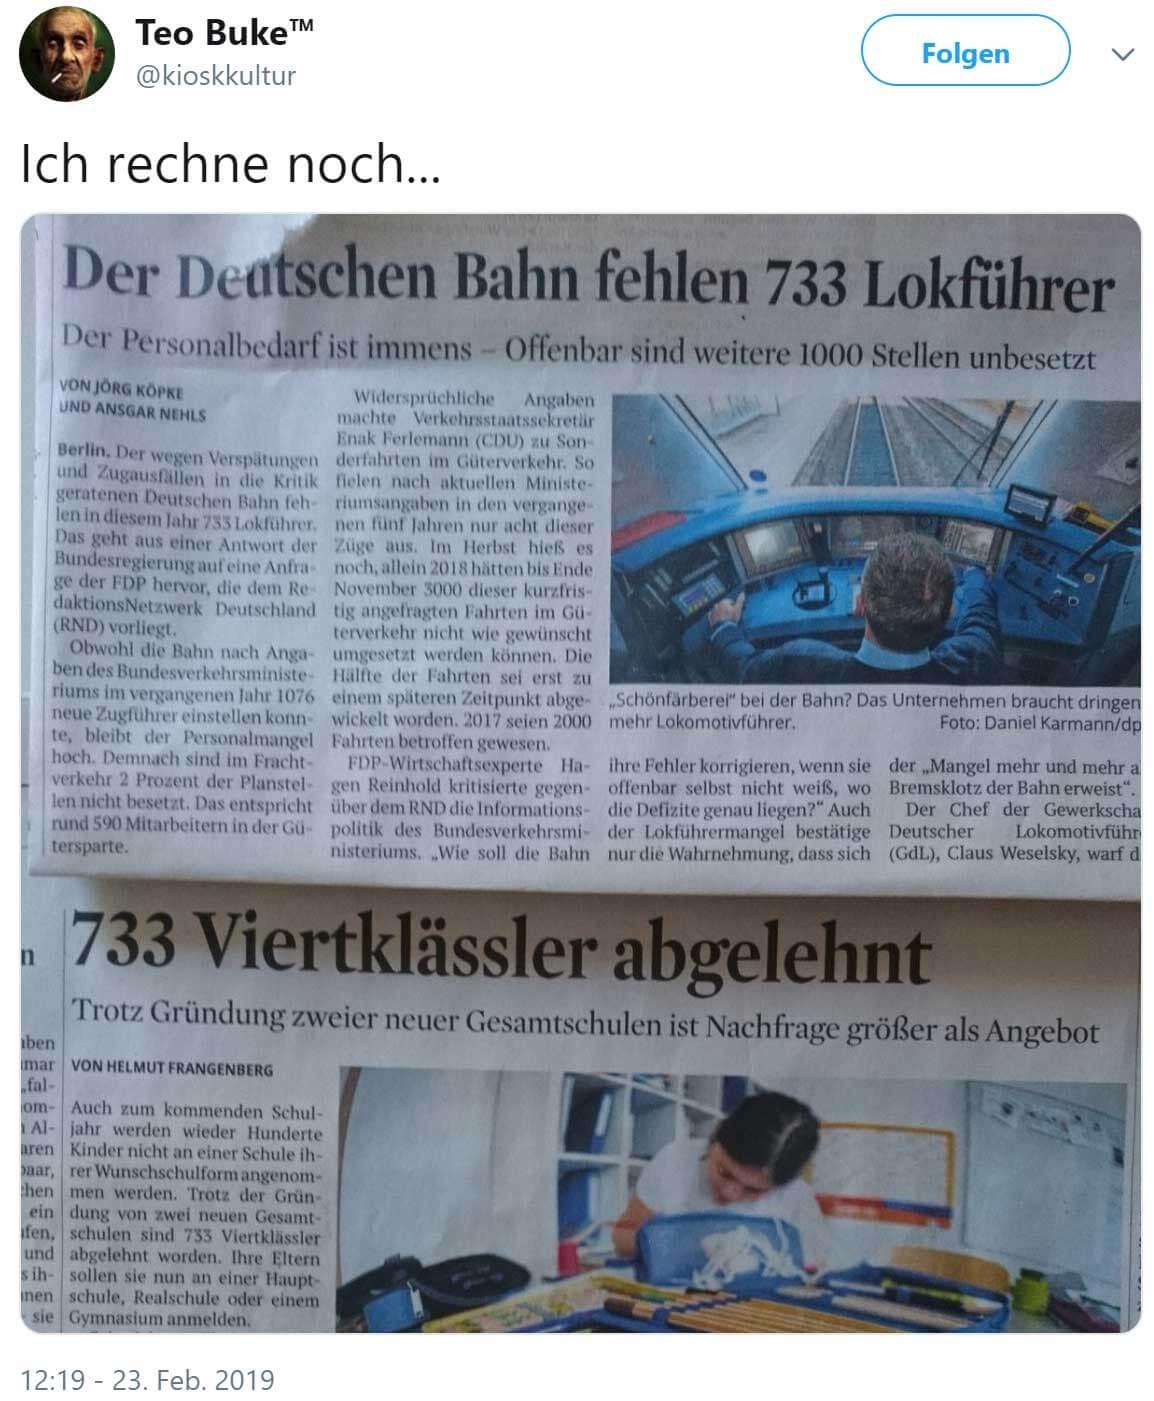 Bilderparade DXXXIX LangweileDich.net_Bilderparade_DXXXIX_04